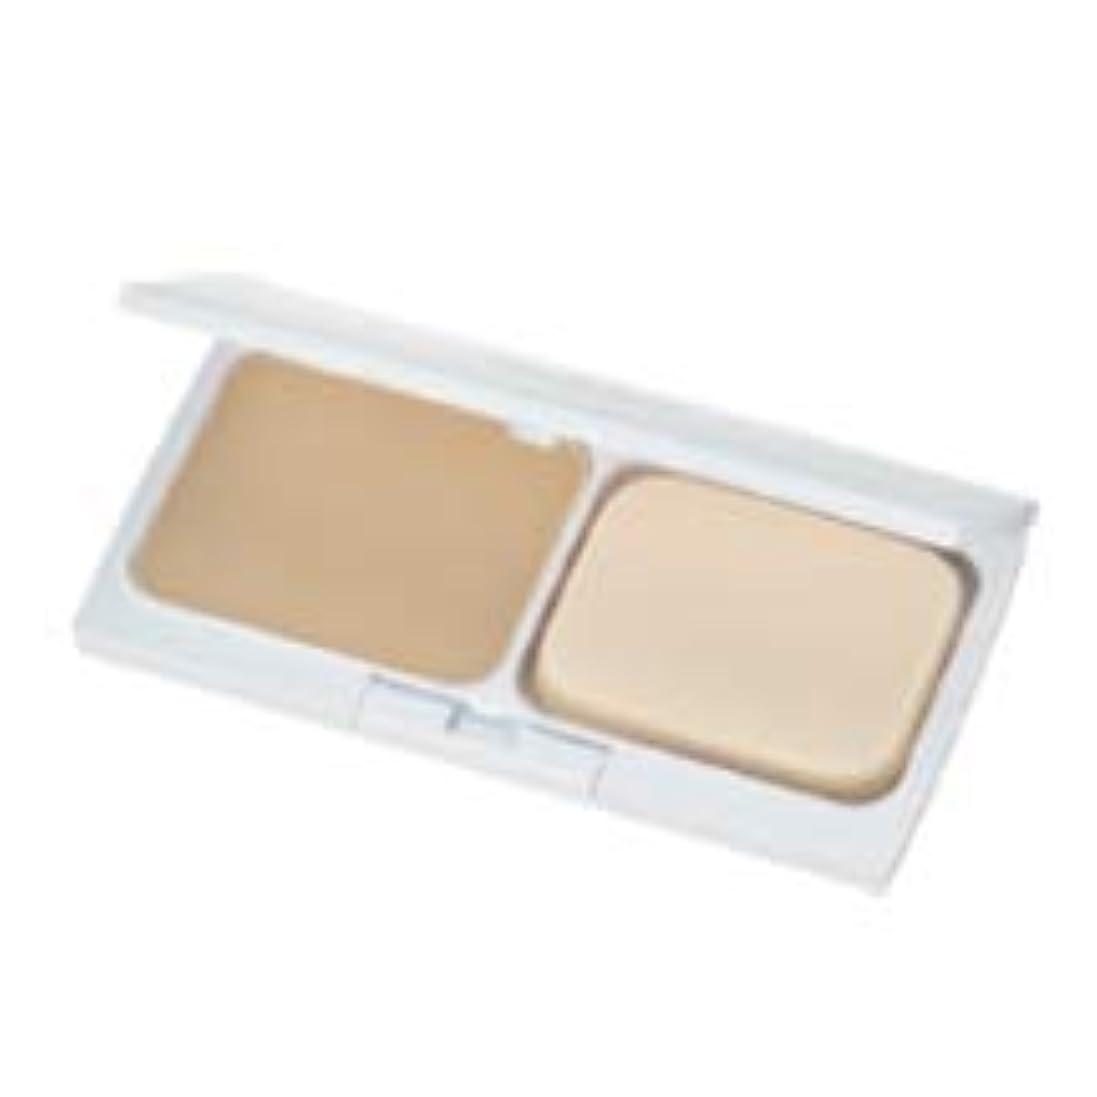 フェリー漂流乳白色エムディ化粧品 レセプトII ナチュラルヴェールパウダーファンデーショ(レフィル) オークル